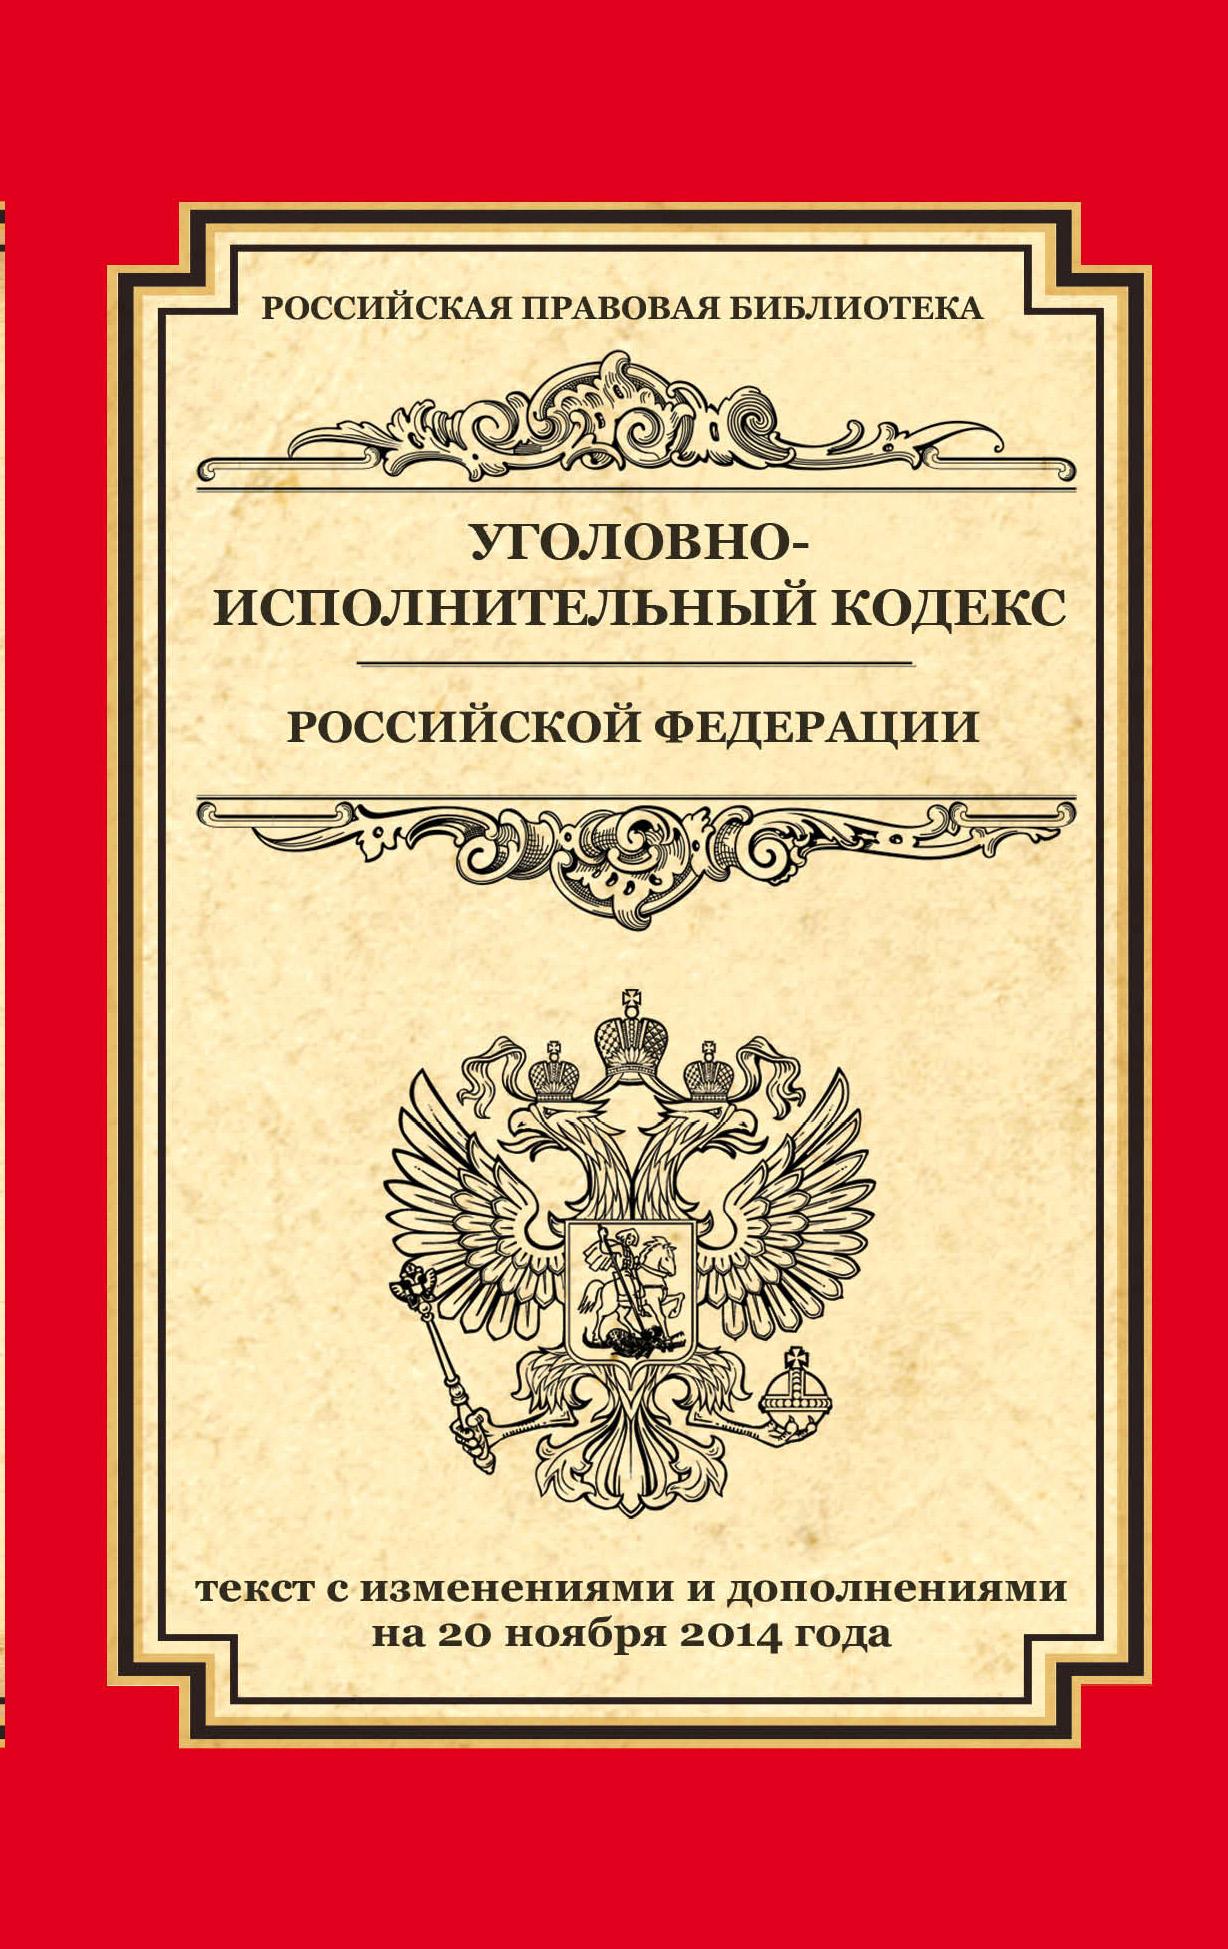 Уголовно-исполнительный кодекс Российской Федерации ( 978-5-699-77883-6 )